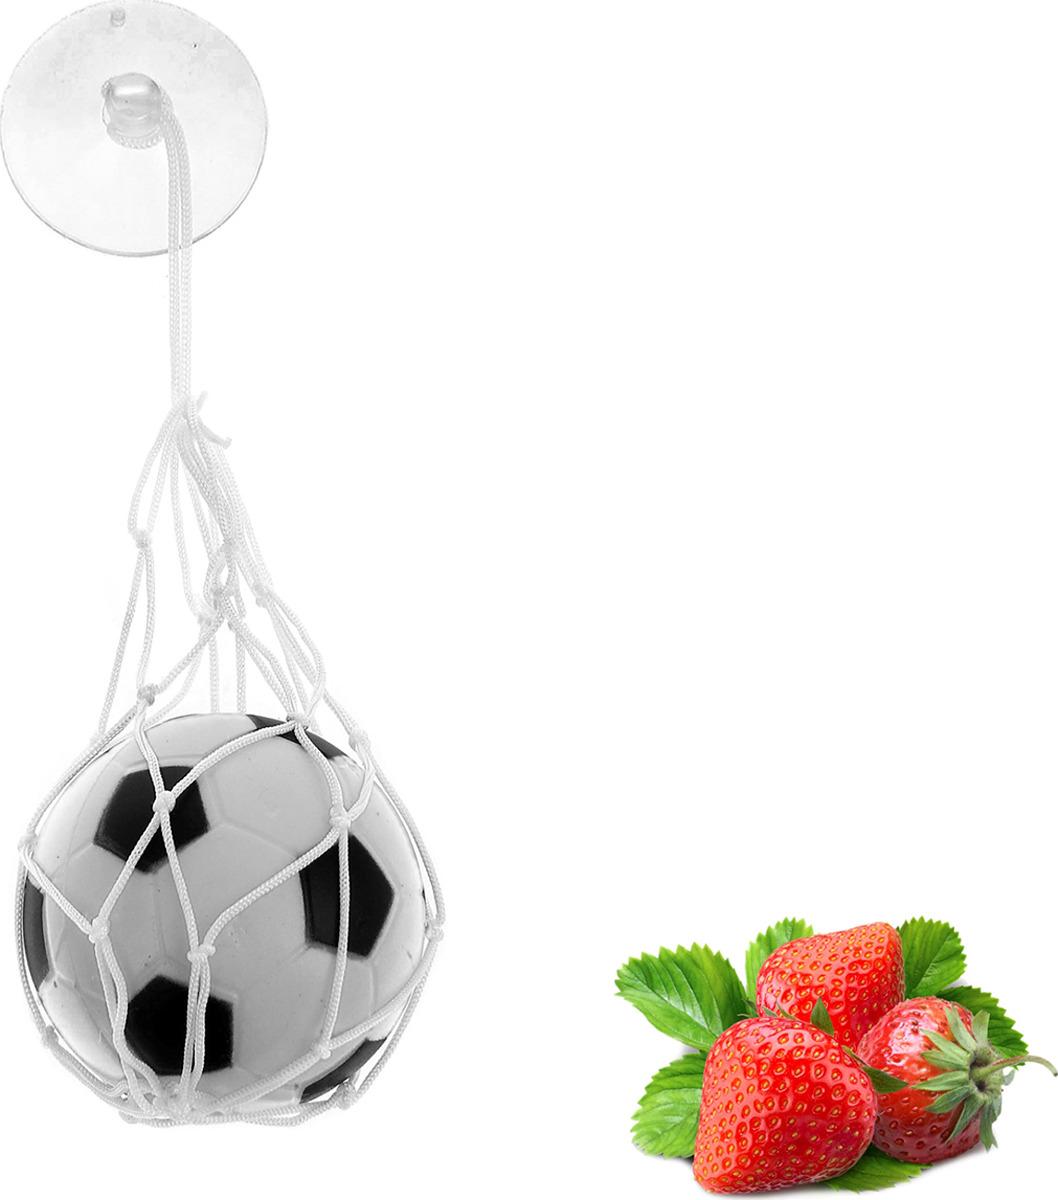 Ароматизатор автомобильный Luazon Футбольный мяч, клубника, под сиденье, 805476, белый гирлянда luazon метраж футбольный мяч 5m ed 20 220v white 2433914